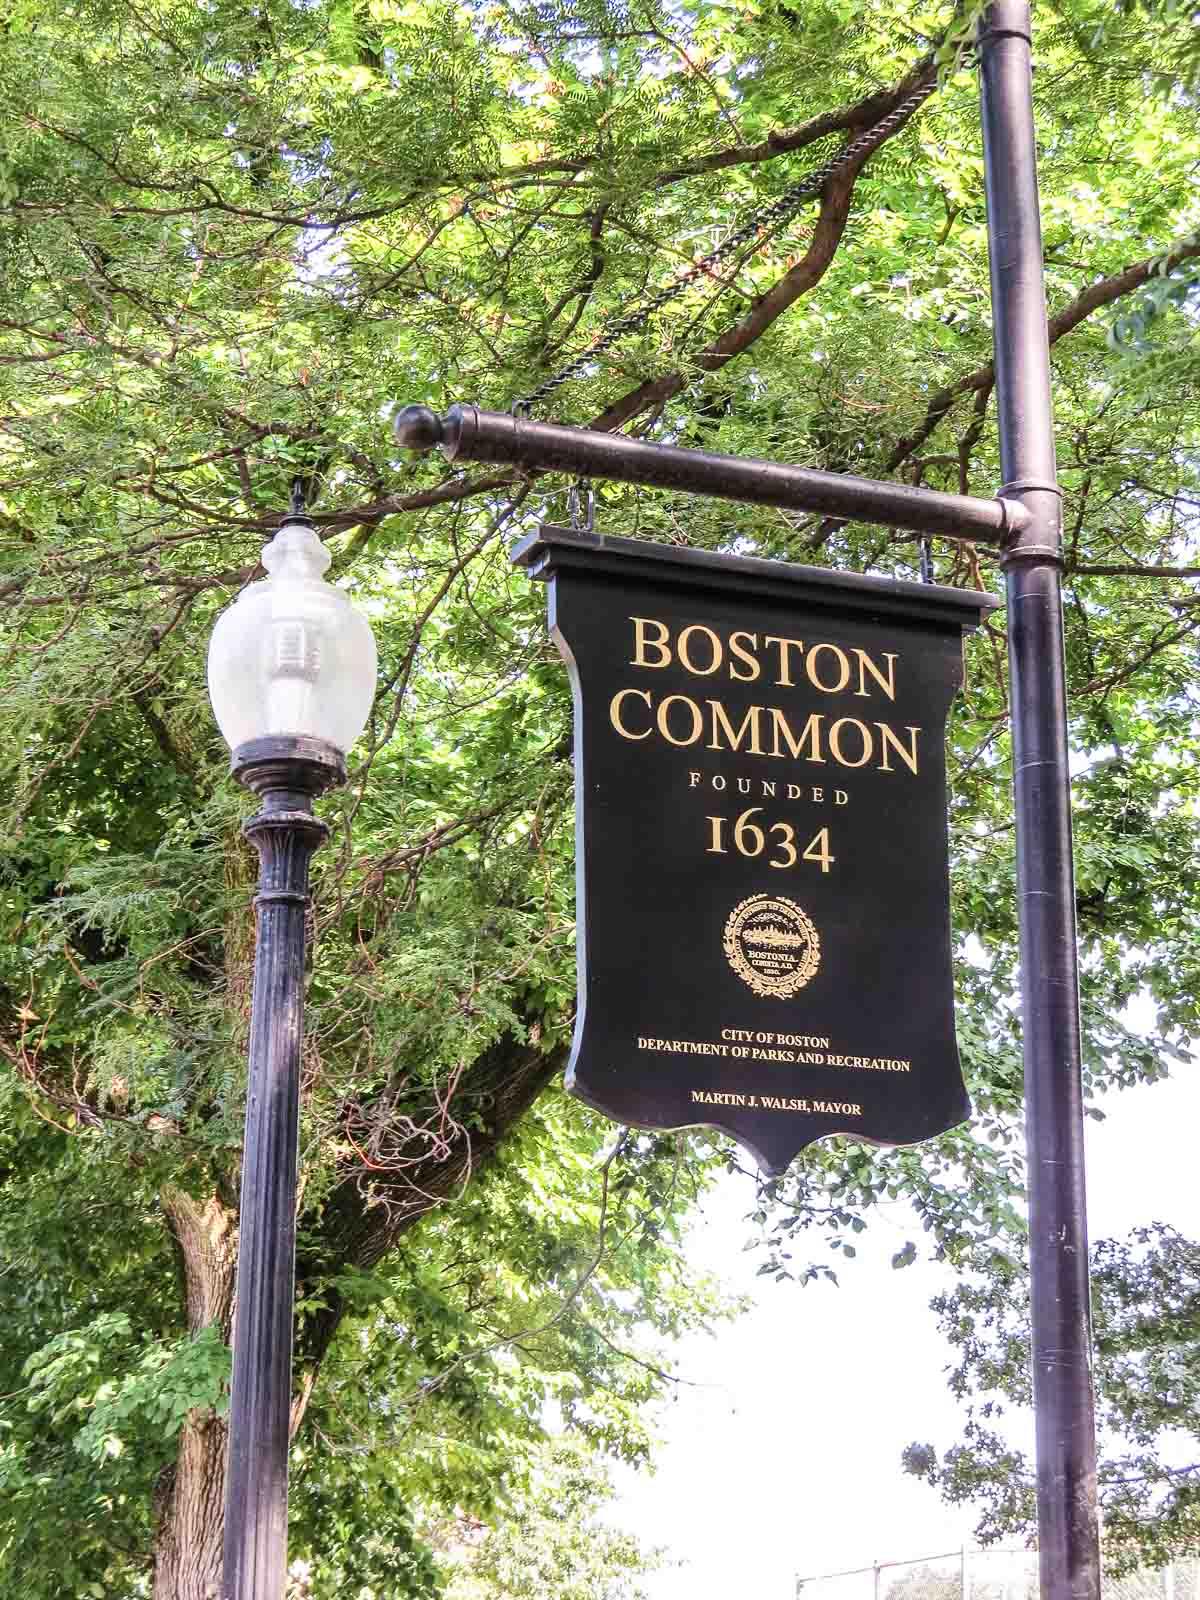 Seafood Stuffed in Boston